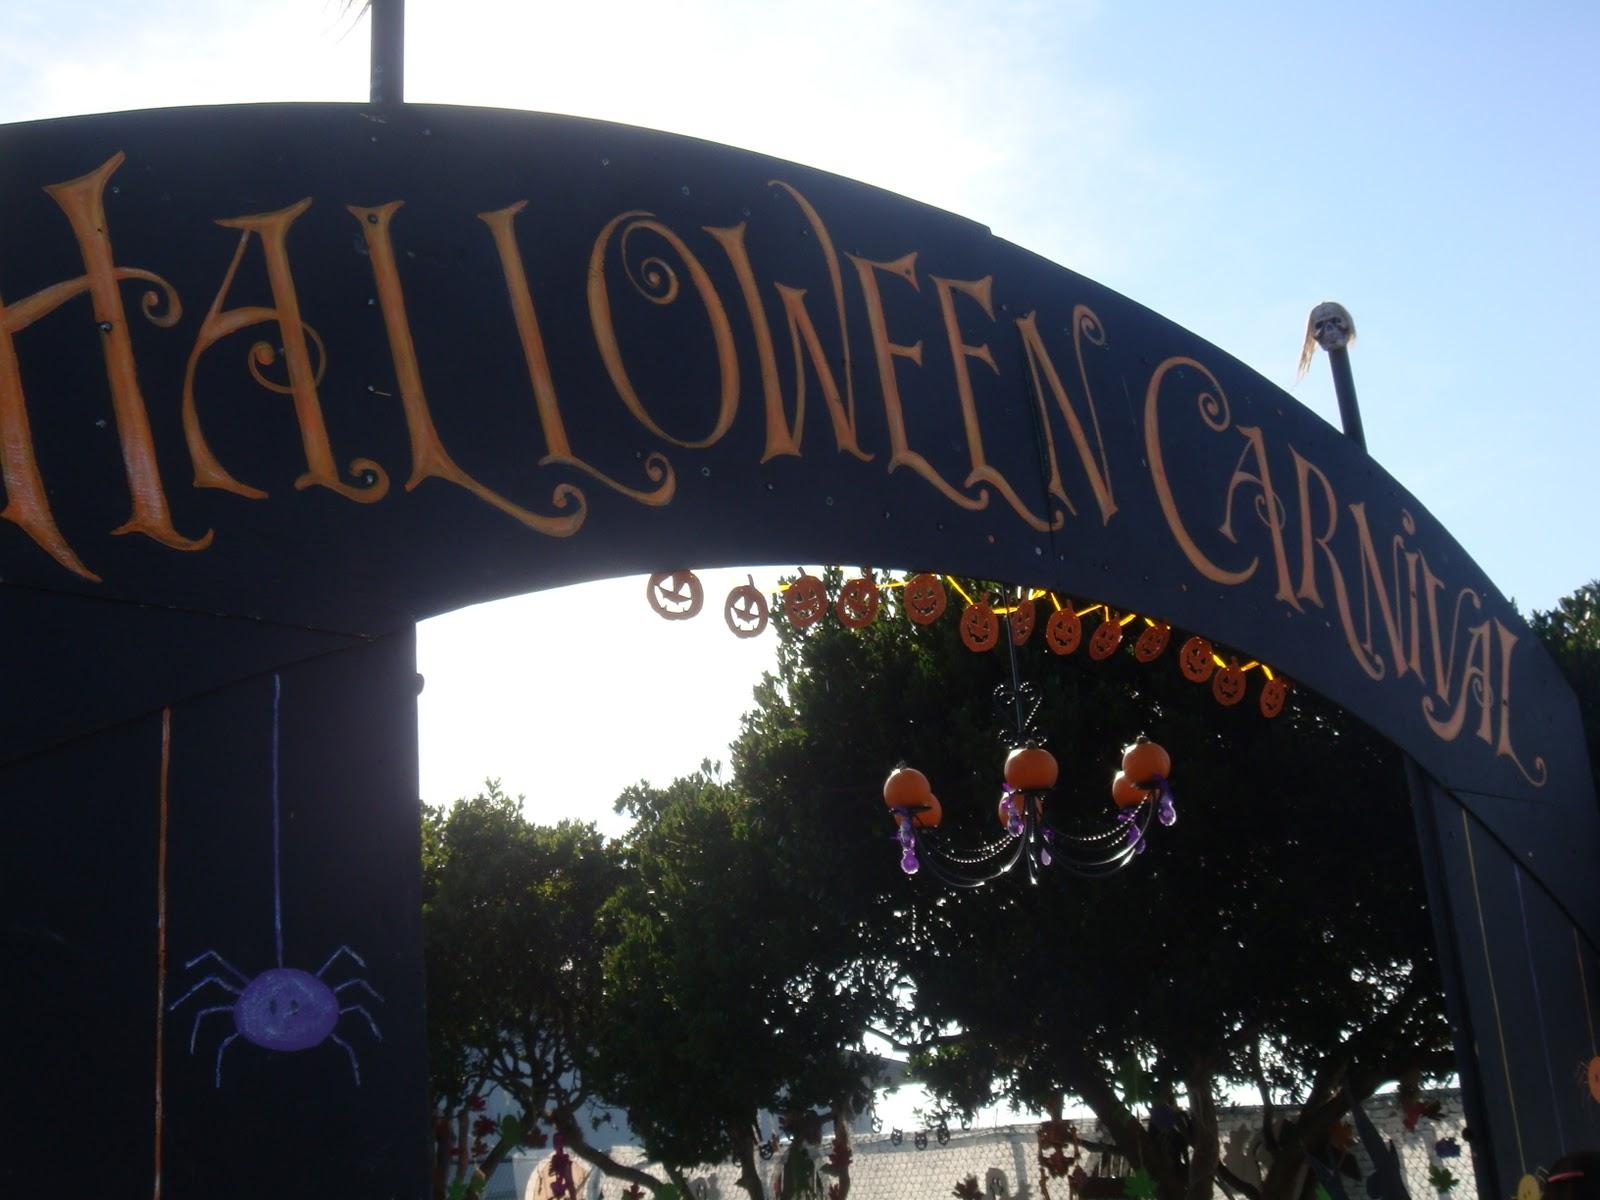 56th annual sunset view halloween carnival | ocean beach san diego